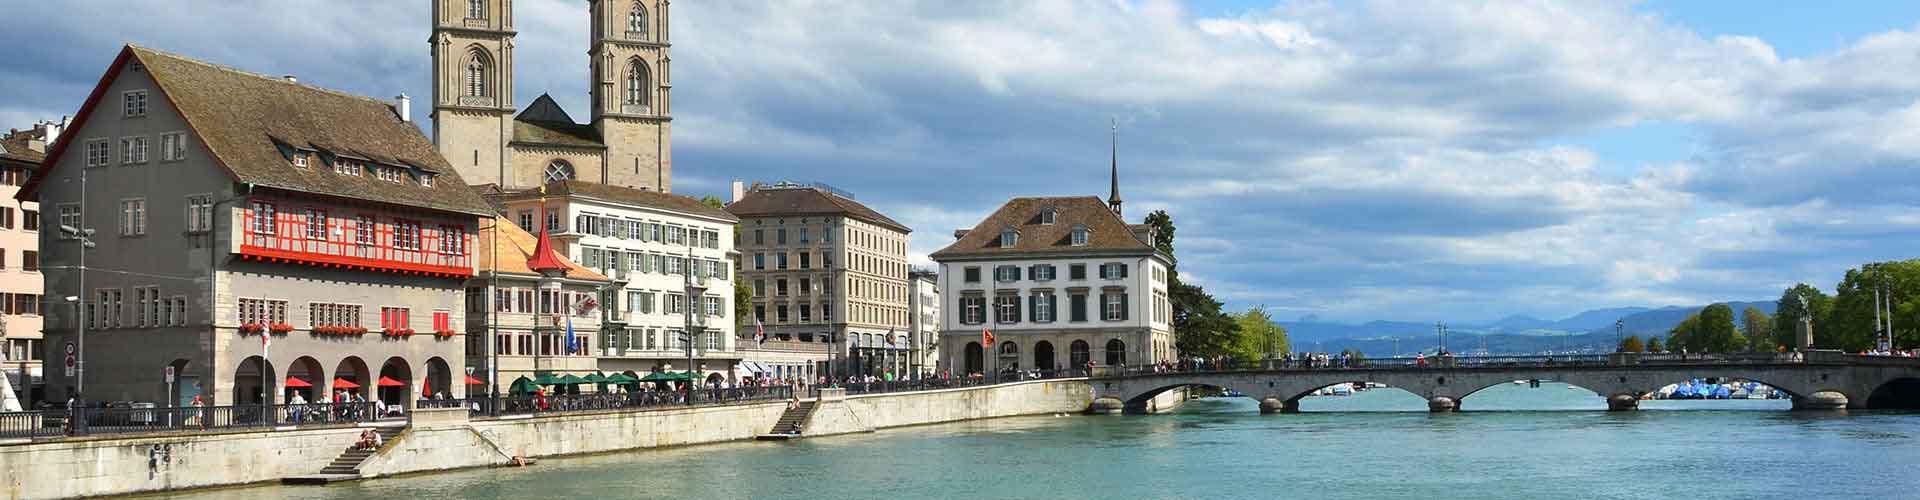 Zurich - Chambres pas chères dans le quartier de Gewerbeschule. Cartes pour Zurich, photos et commentaires pour chaque chambre à Zurich.